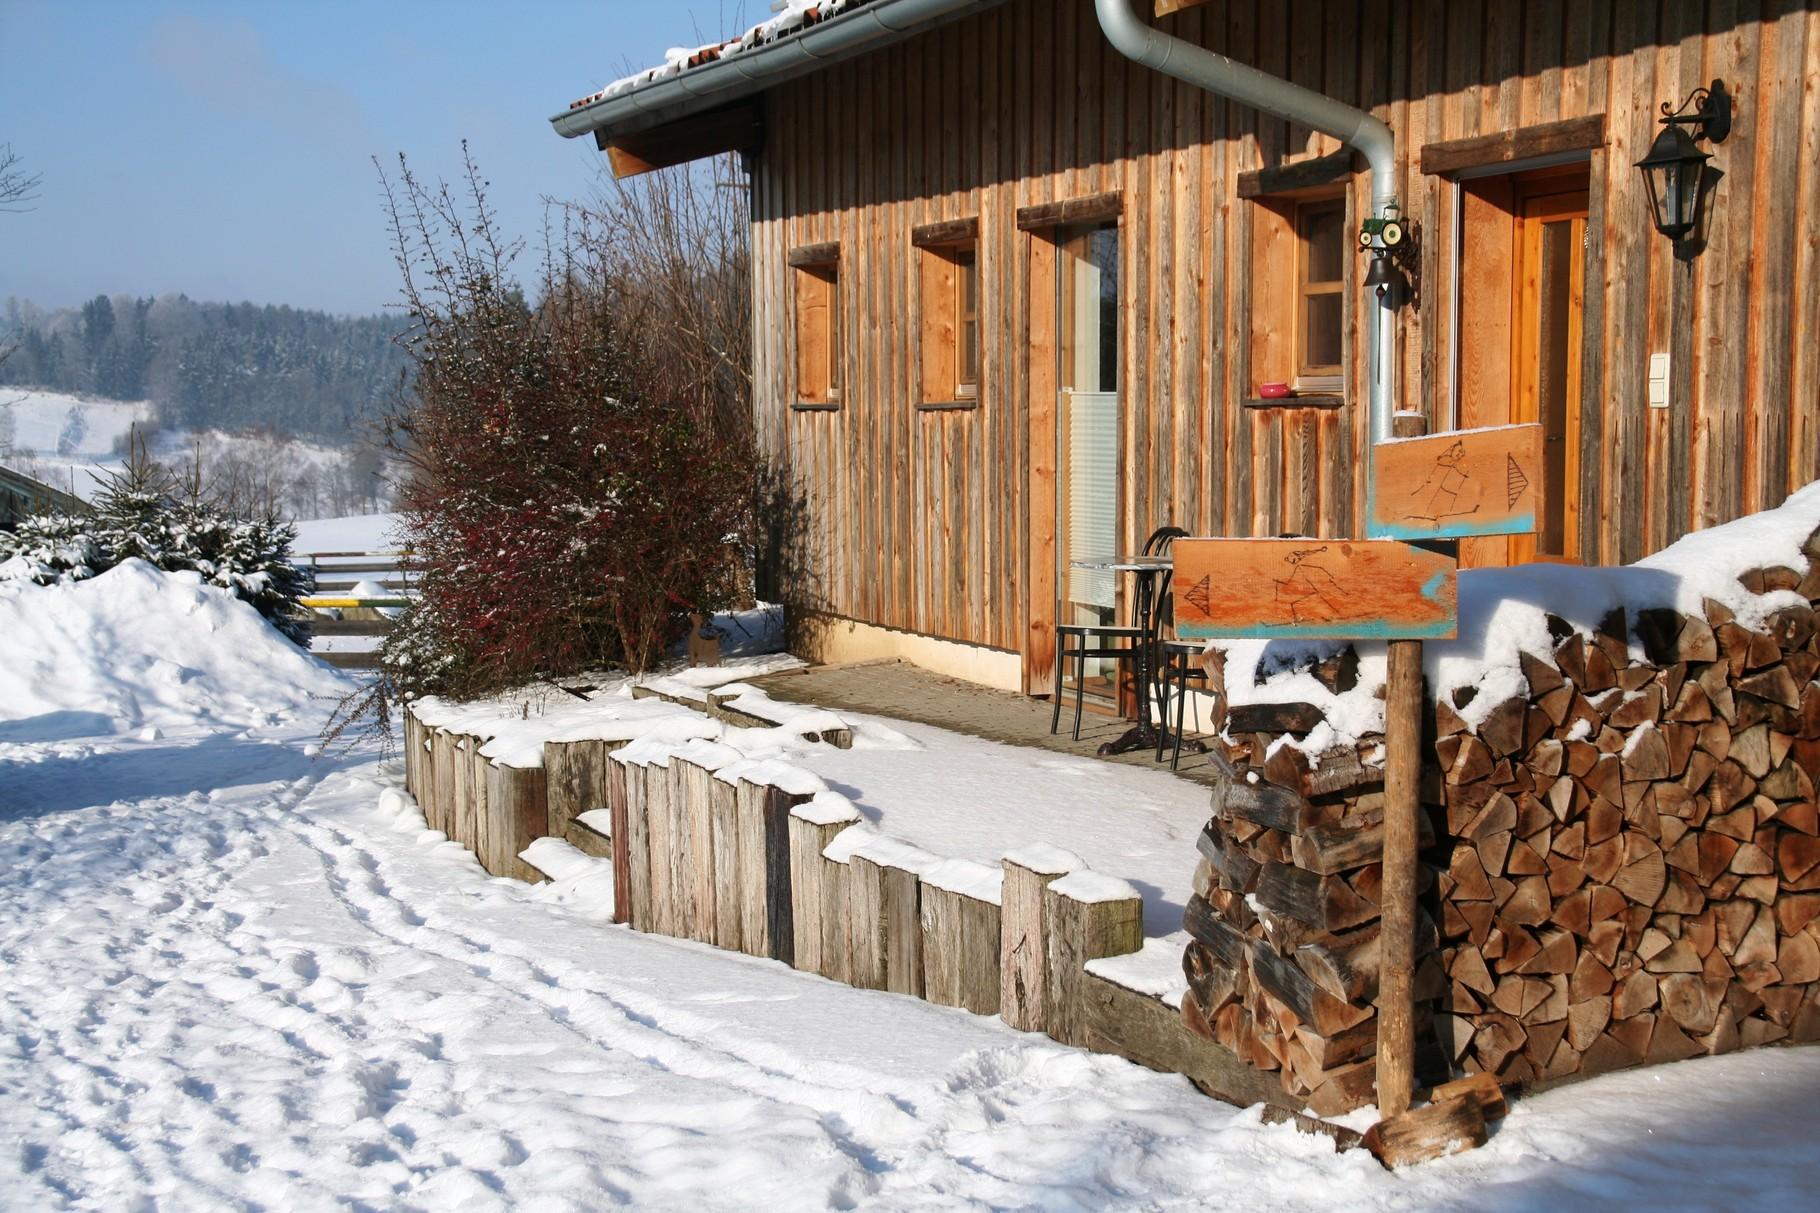 Wenn genug Schnee liegt, treffen sich auf dem Hof zwei Rund-Loipen ©KnallerbsenHof